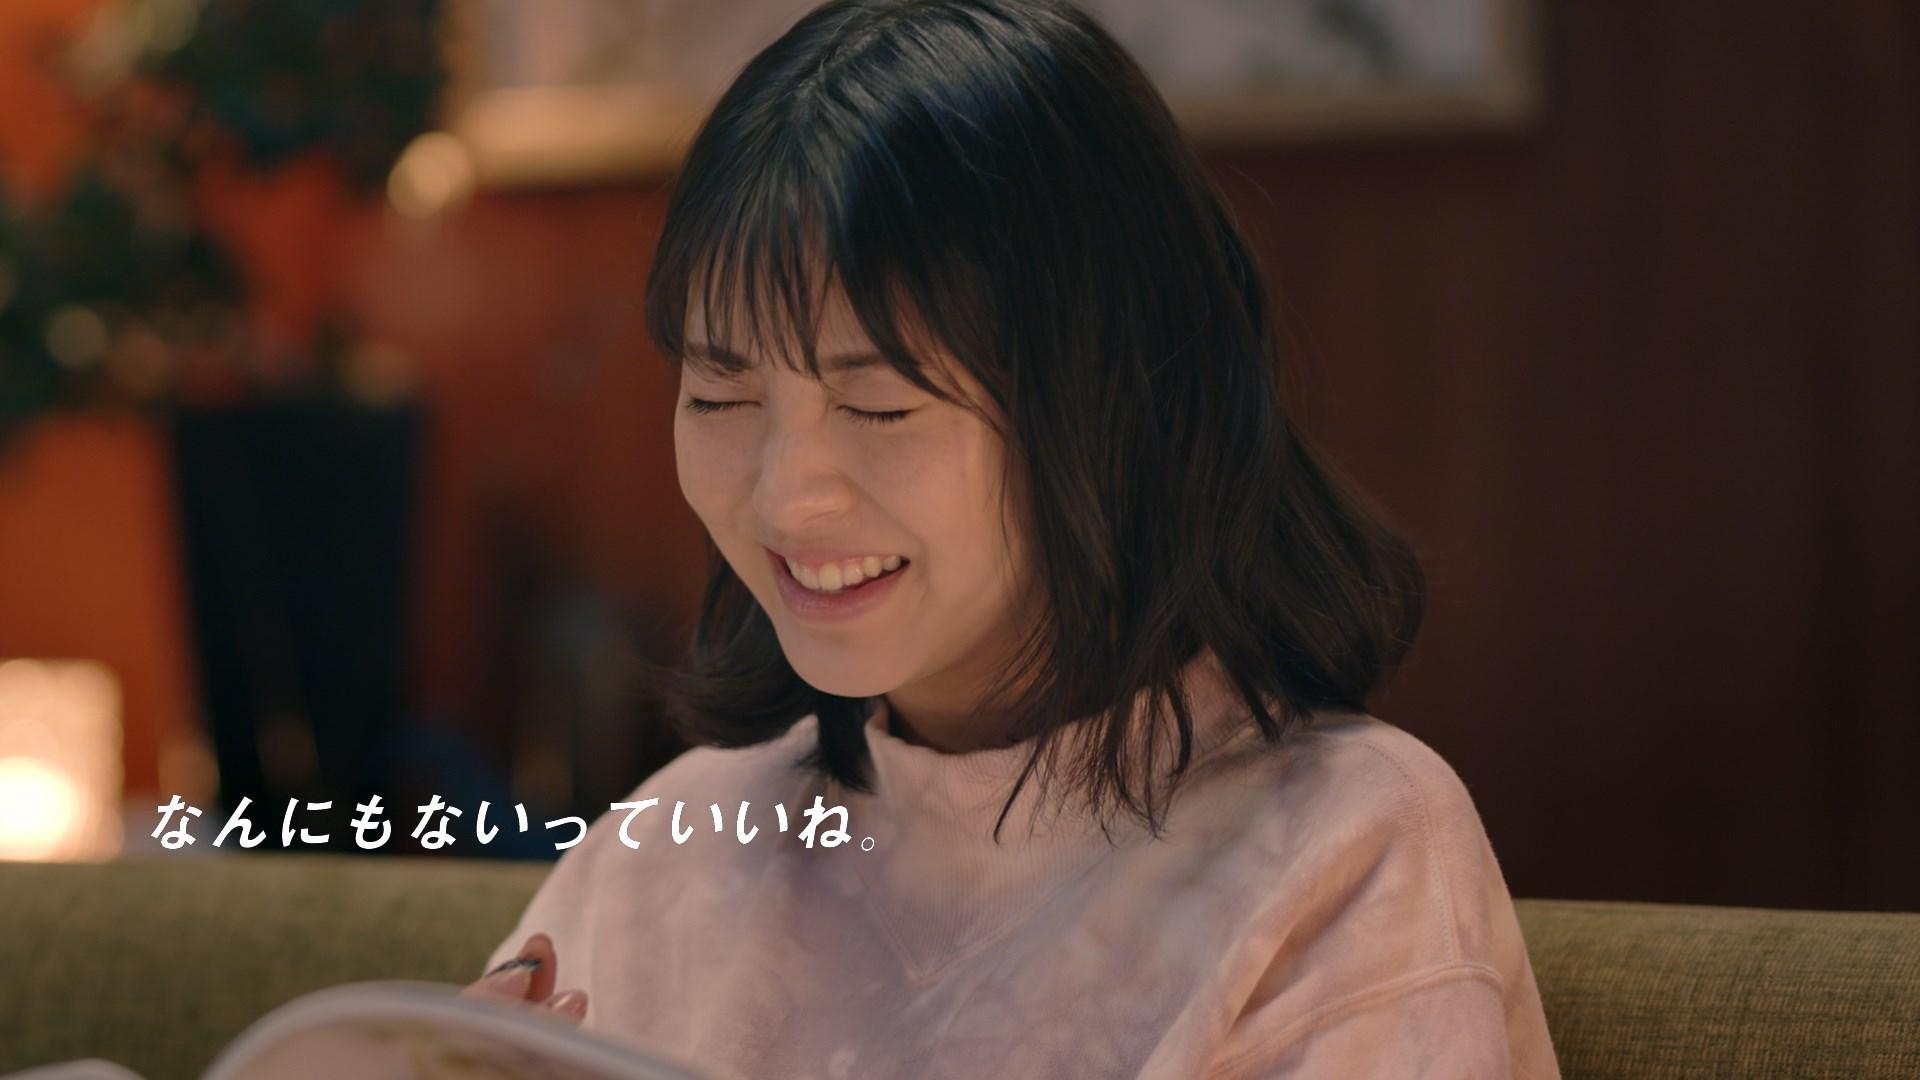 浜辺美波 /JA共済のWEB動画シリーズ『カスミナミ』第1弾『第二ボタン』篇